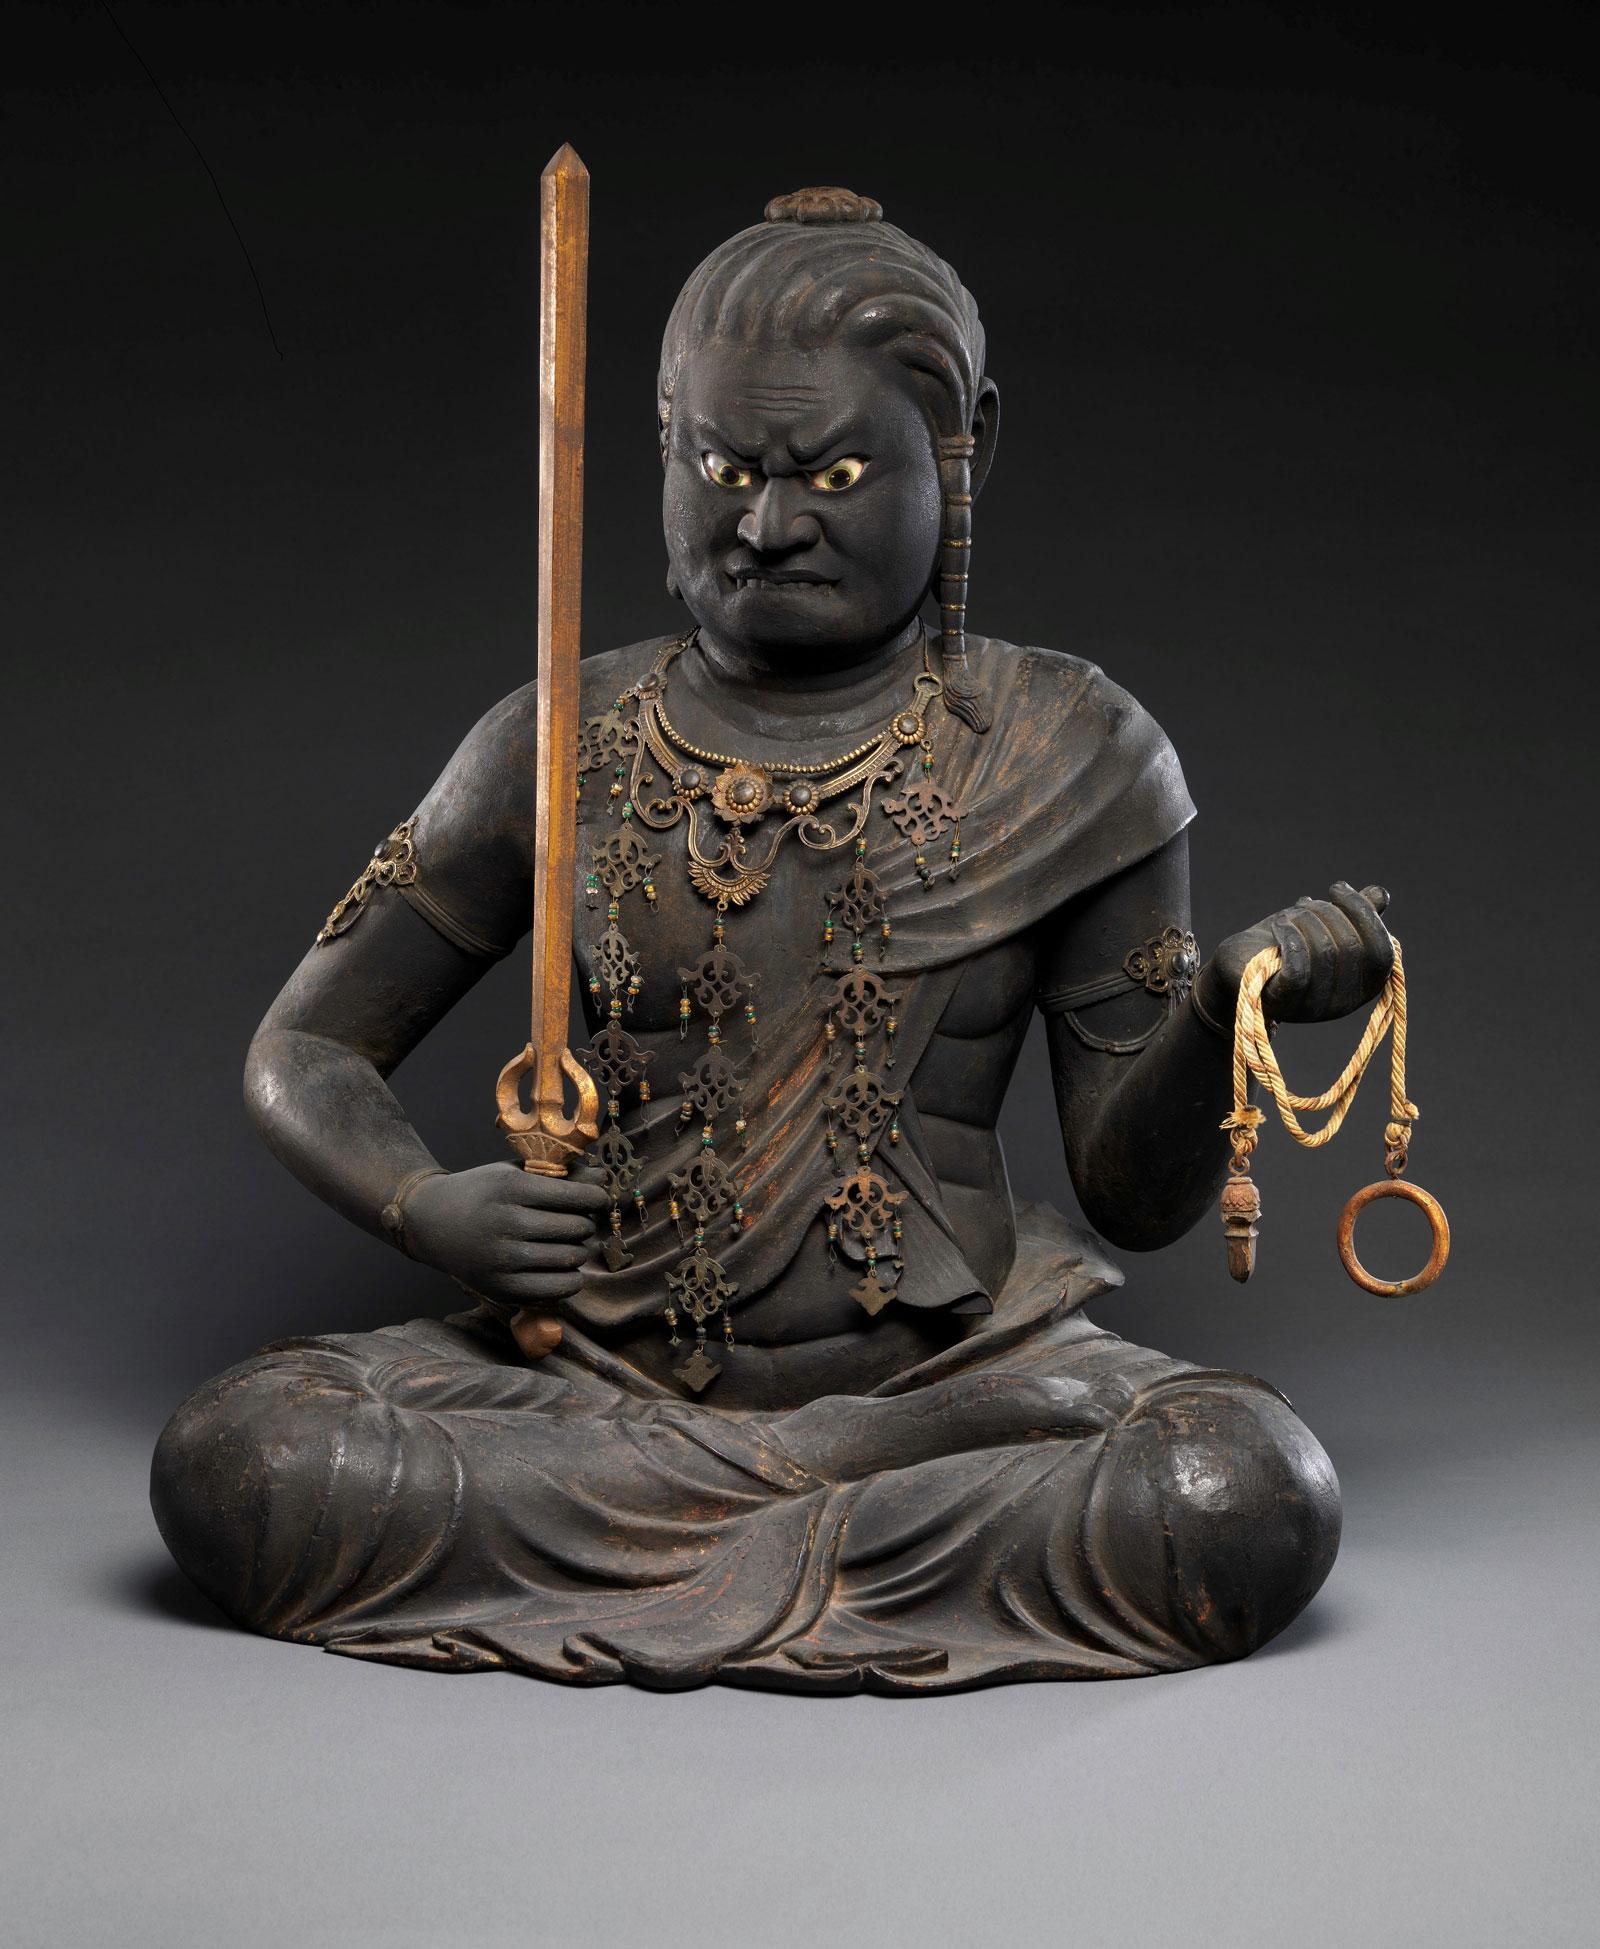 Kaikei: Fudō Myōō, Kamakura period, early thirteenth century